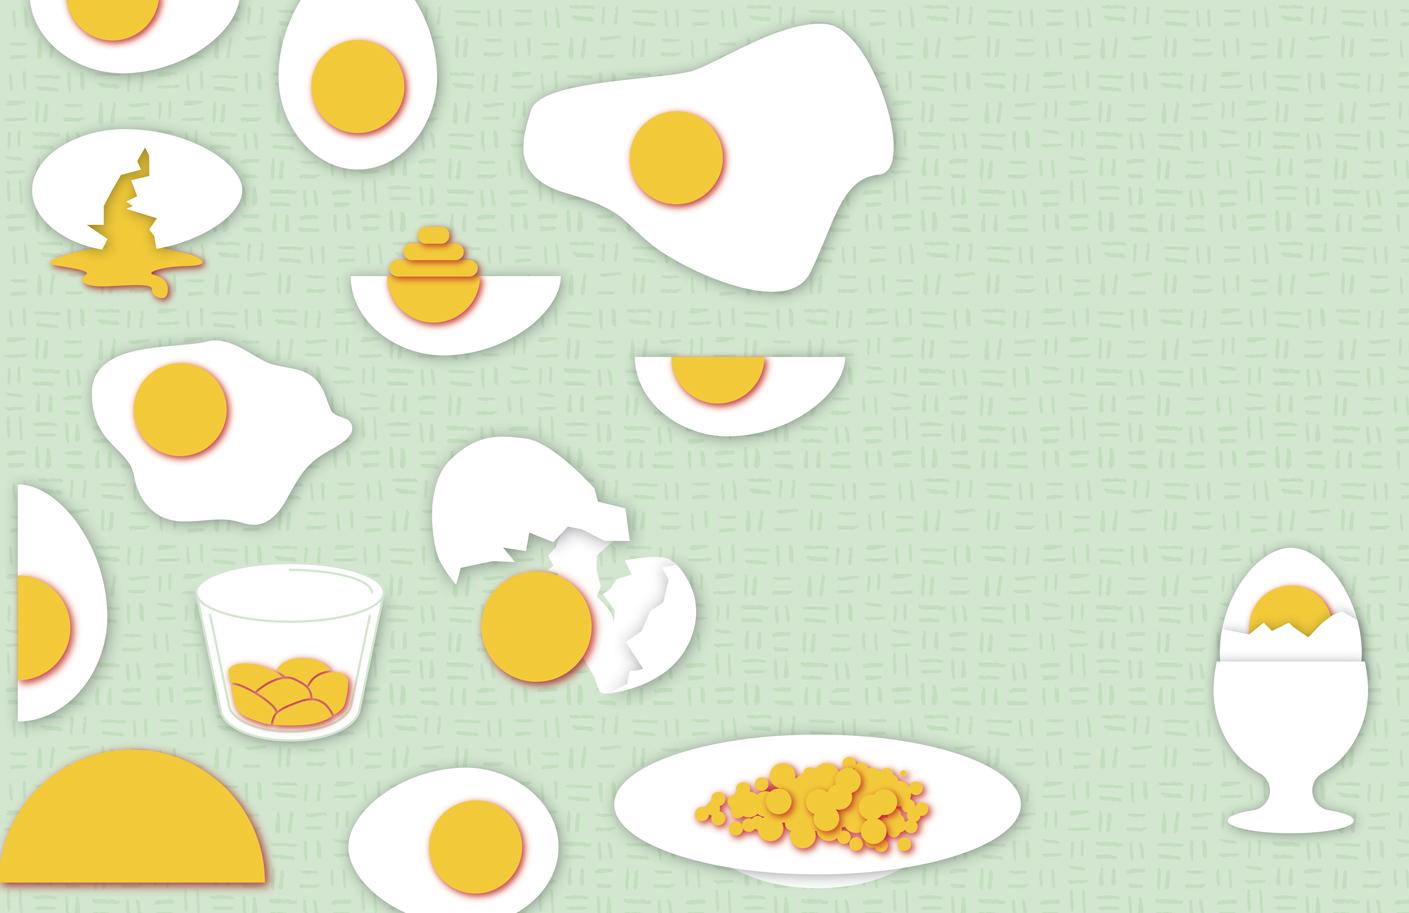 - En México, estamos acostumbrados a comer huevo una vez al día: en el desayuno. De repente nos encontramos un huevo frito con arroz en el menú de medio día, o una sopa de huevo, pero no tiende a ser el platillo principal. Estamos en desacuerdo con esto: el huevo debe ser protagónico: es proteína y es llenador; es versátil y muy rico (en nutrientes y en sabor); tiene la capacidad de esconderse cuando es necesario y de potencializarse cuando así se busca; es accesible para –prácticamente– toda la población, y, de una forma u otra, nos gusta a todos. Además, se da en todo el mundo: no es endémico ni de temporada, y ni siquiera cambia mucho de sabor de un sitio a otro. El huevo también es pegamento; sirve para unir, para dar forma, consistencia y estructura.